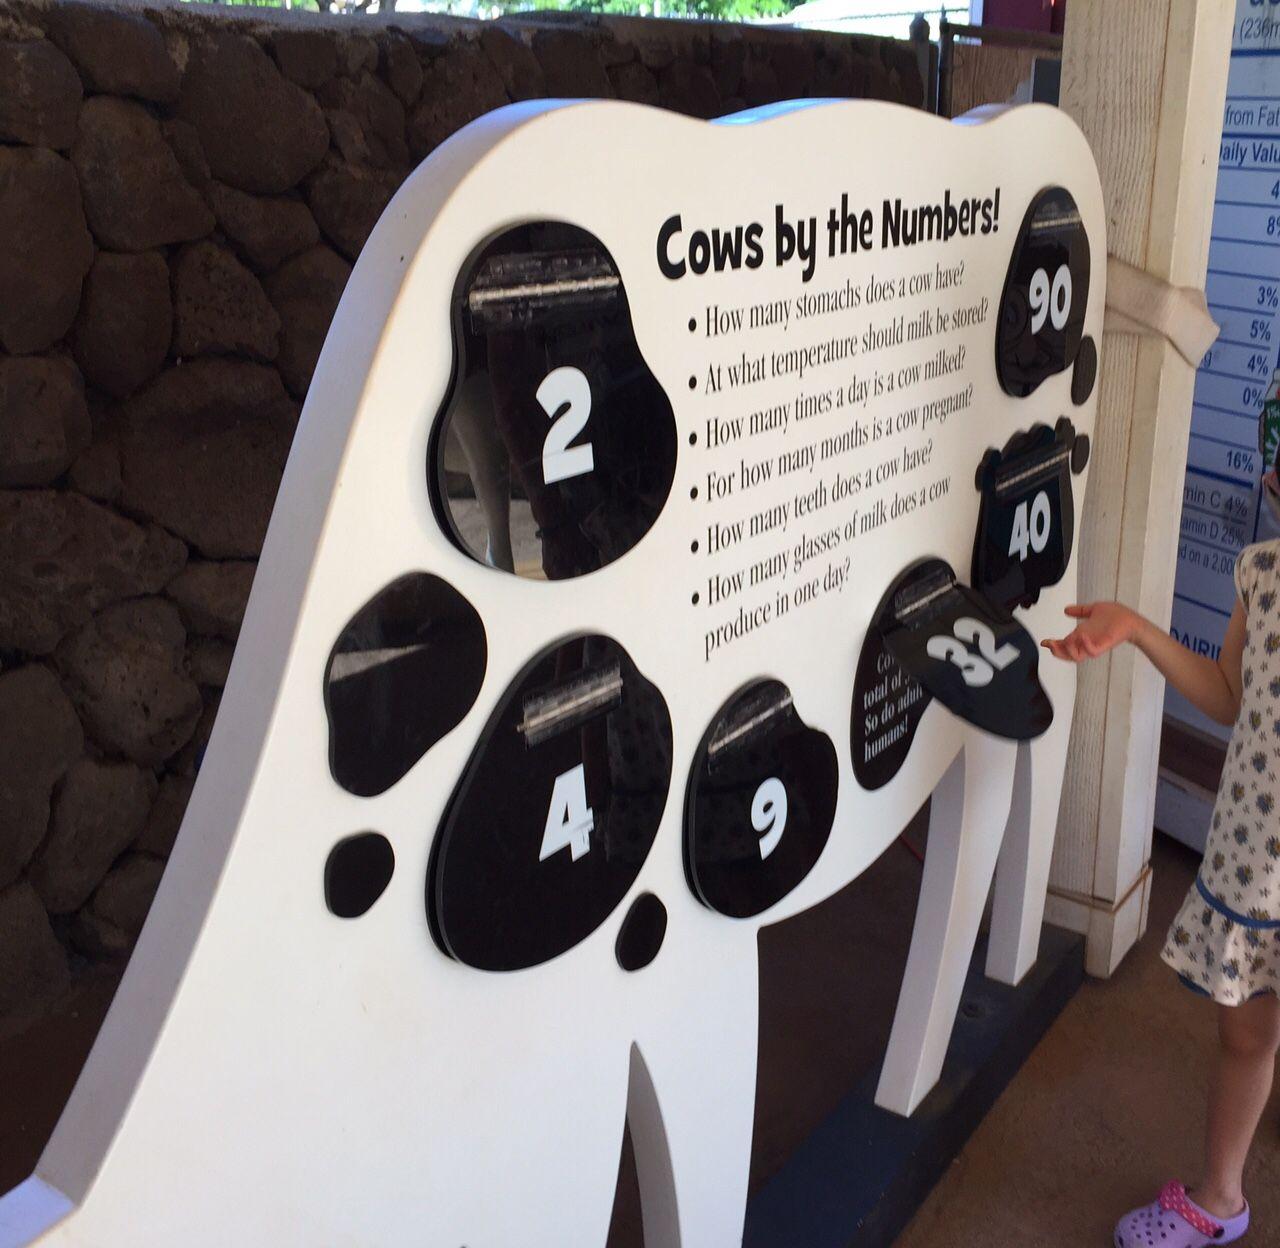 子連れに人気!KEIKI ZOOがある「ホノルル動物園」は遊び心満載